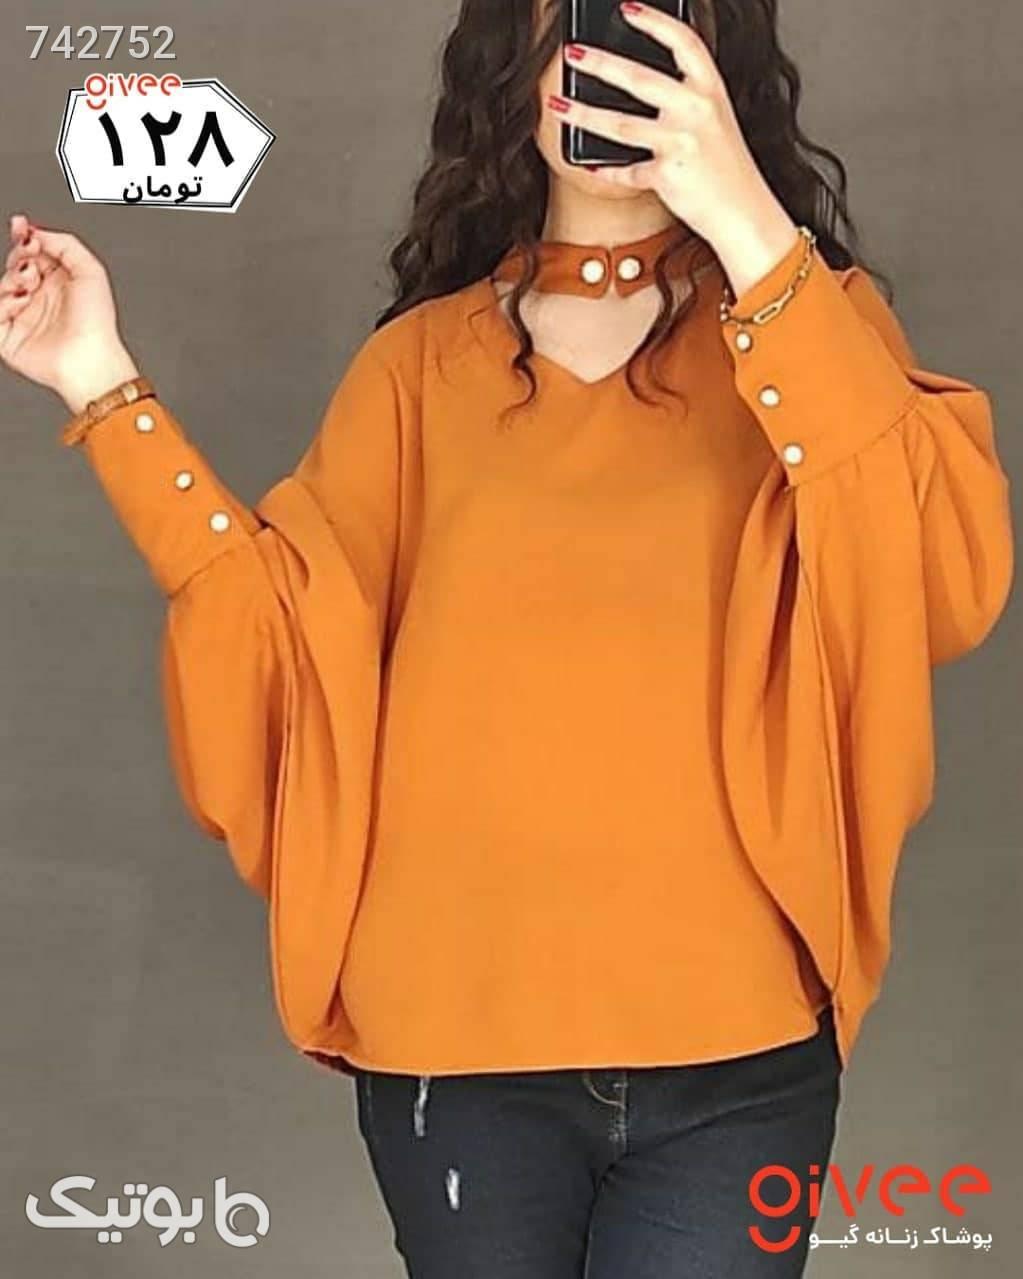 شومیز آستین دکمه نارنجی شومیز